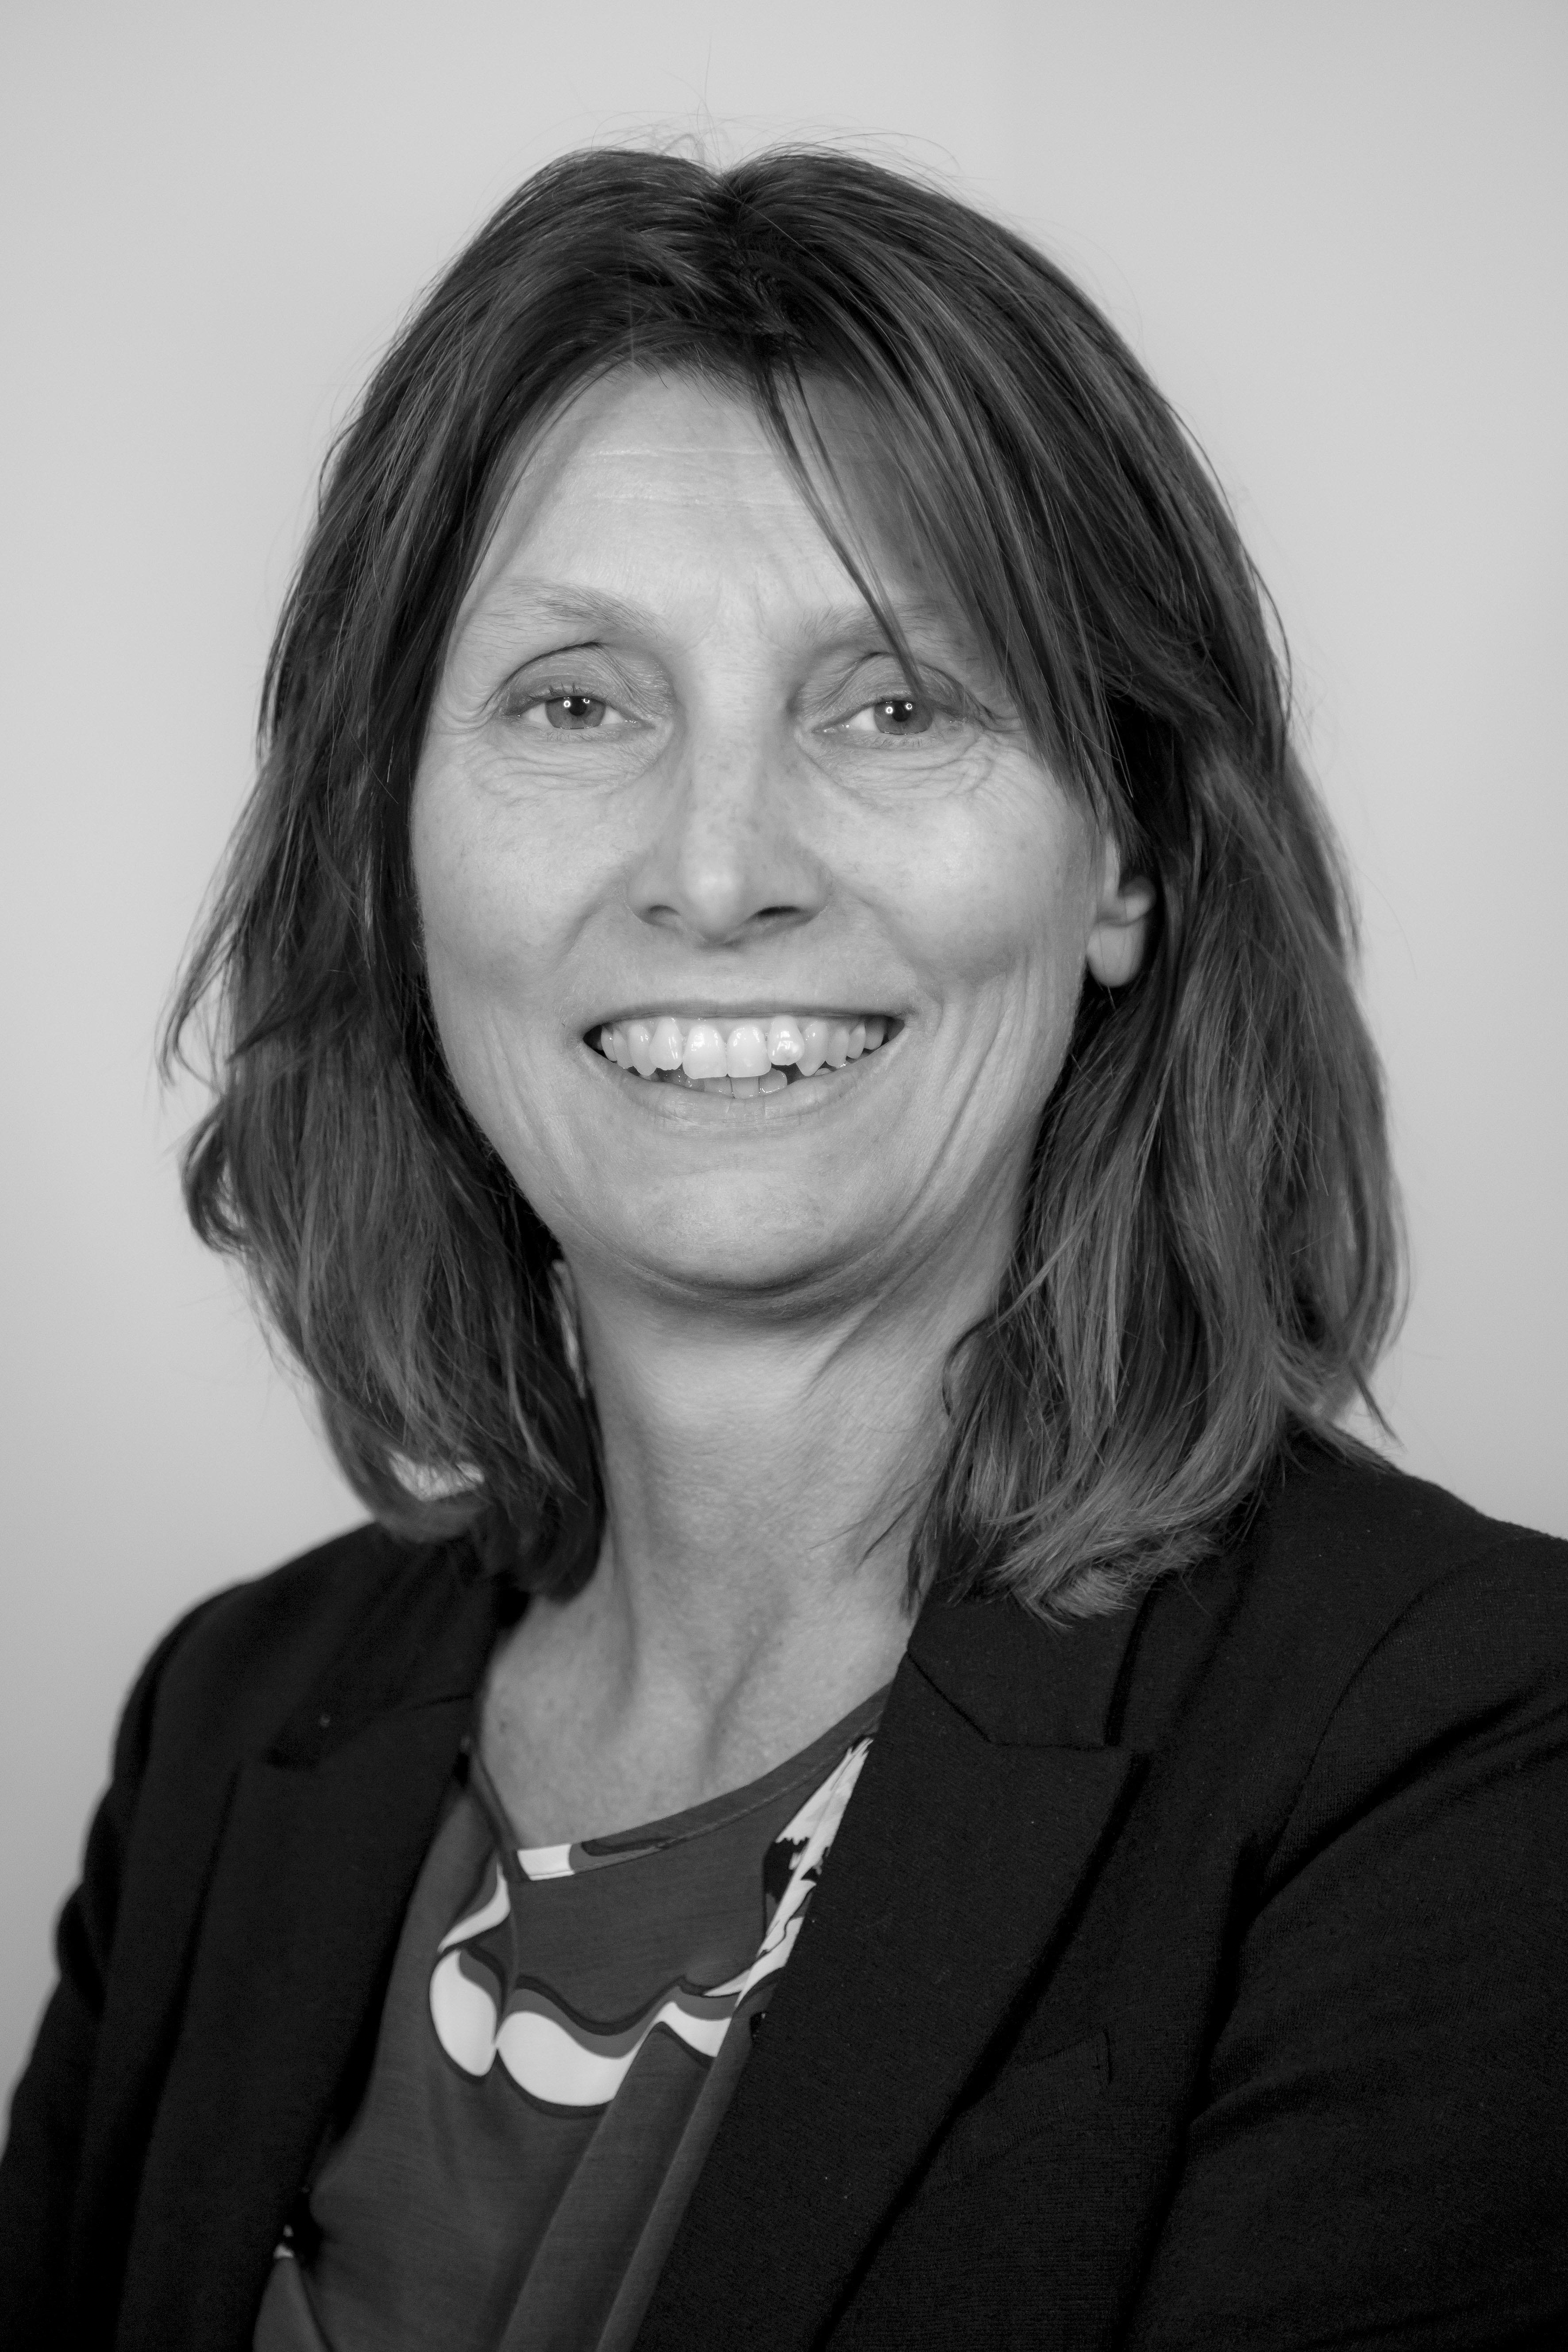 Ingrid Wijk